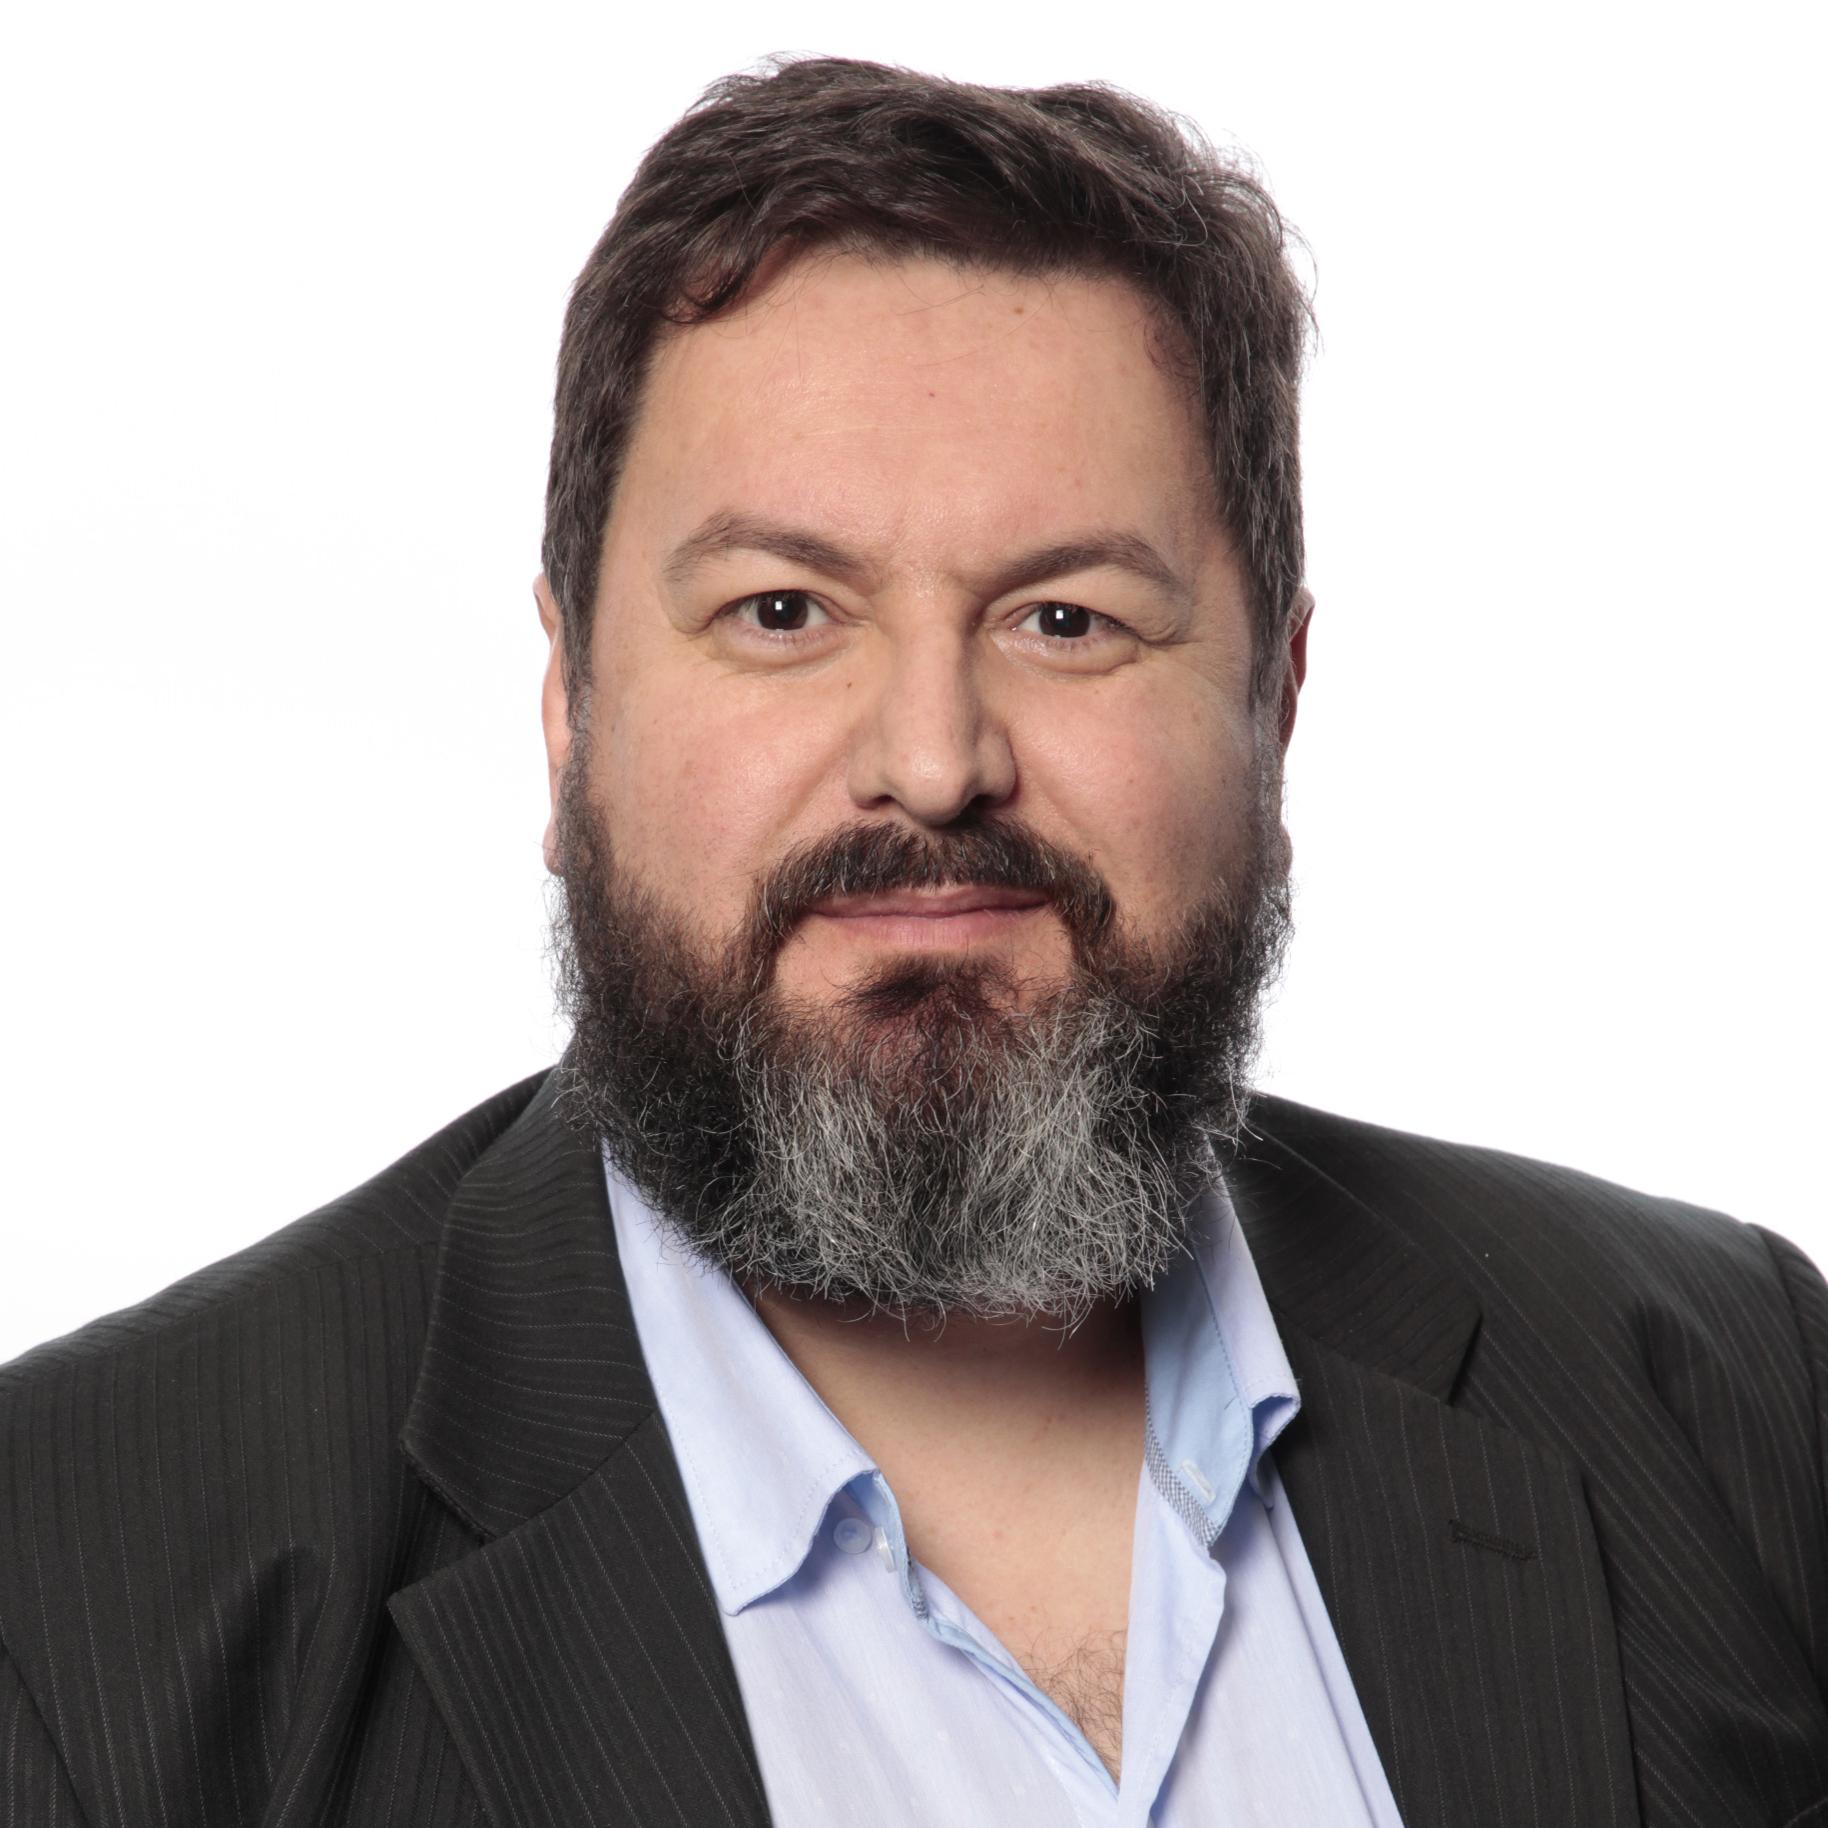 Jose Fernando Tavares